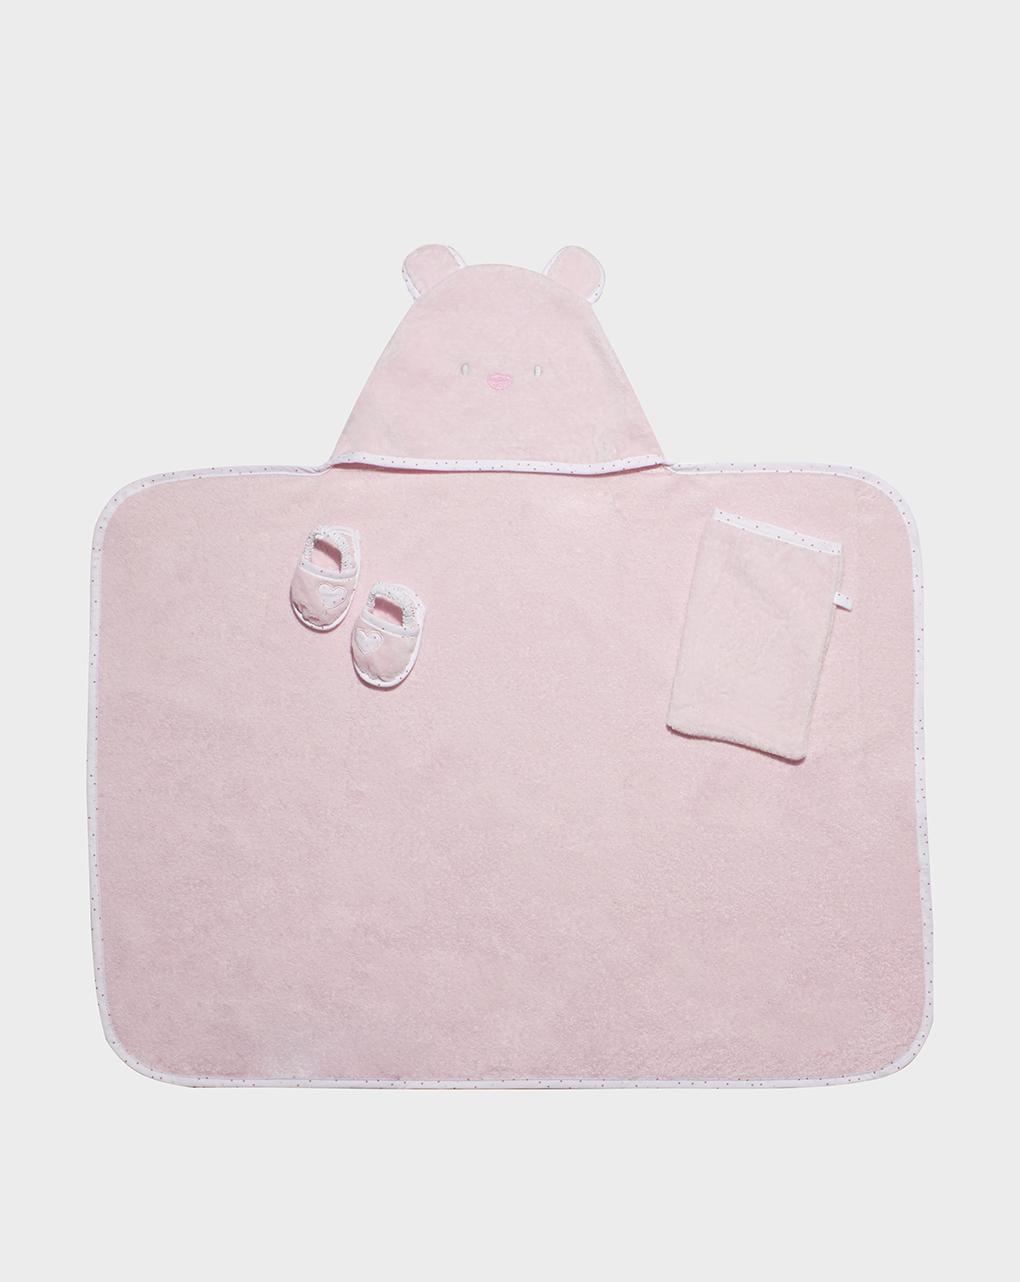 Roupão rosa com chinelos e maçaneta - Prénatal